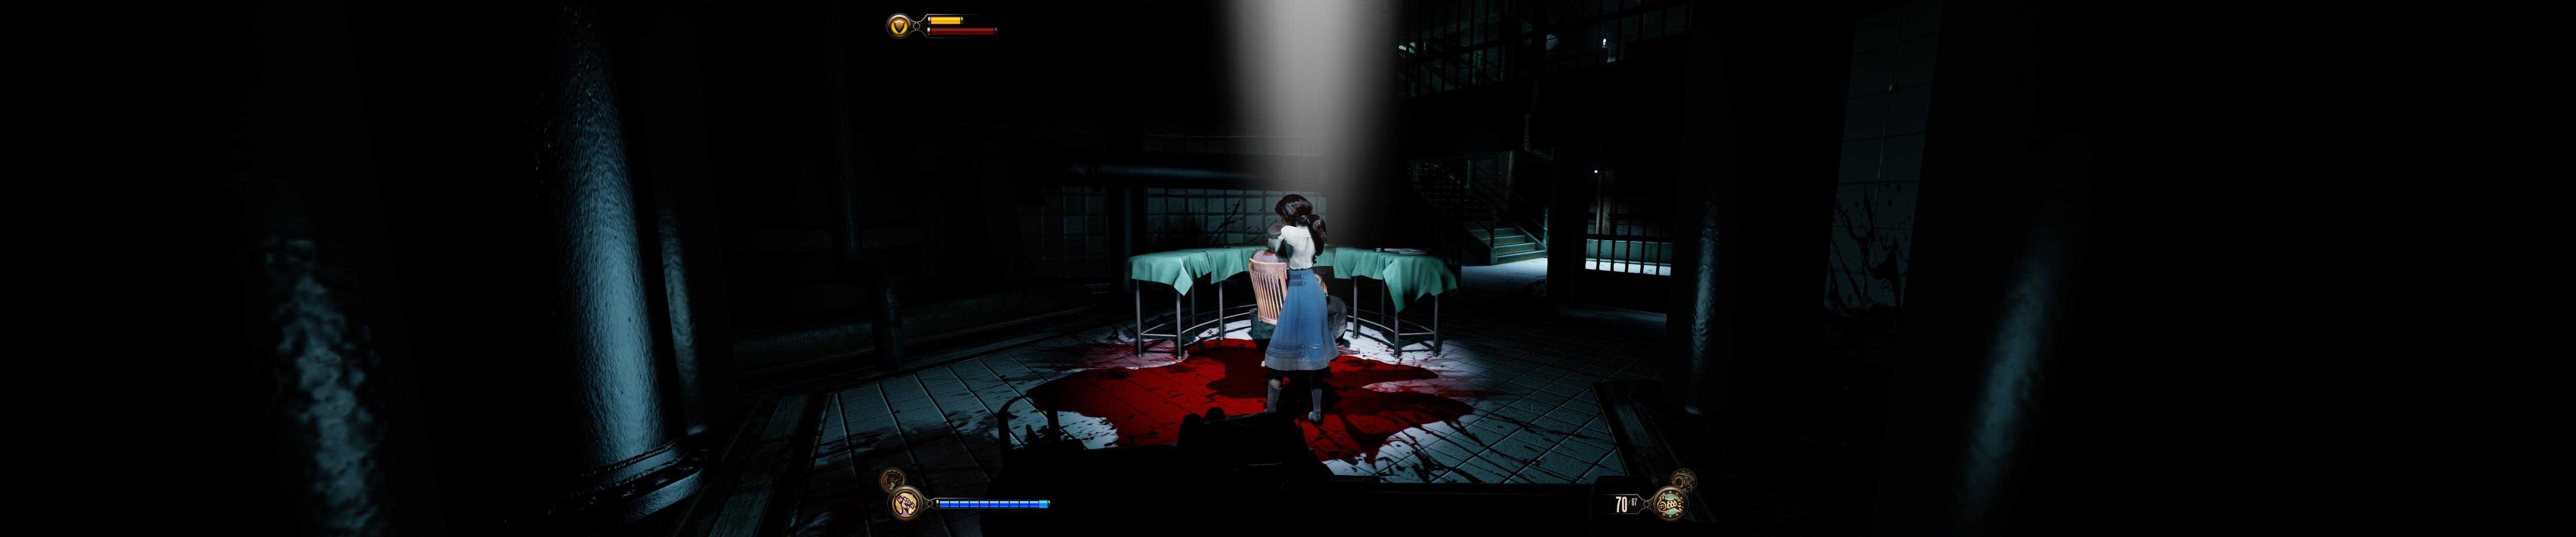 Bioshock_Infinite_2013-05-14_00026